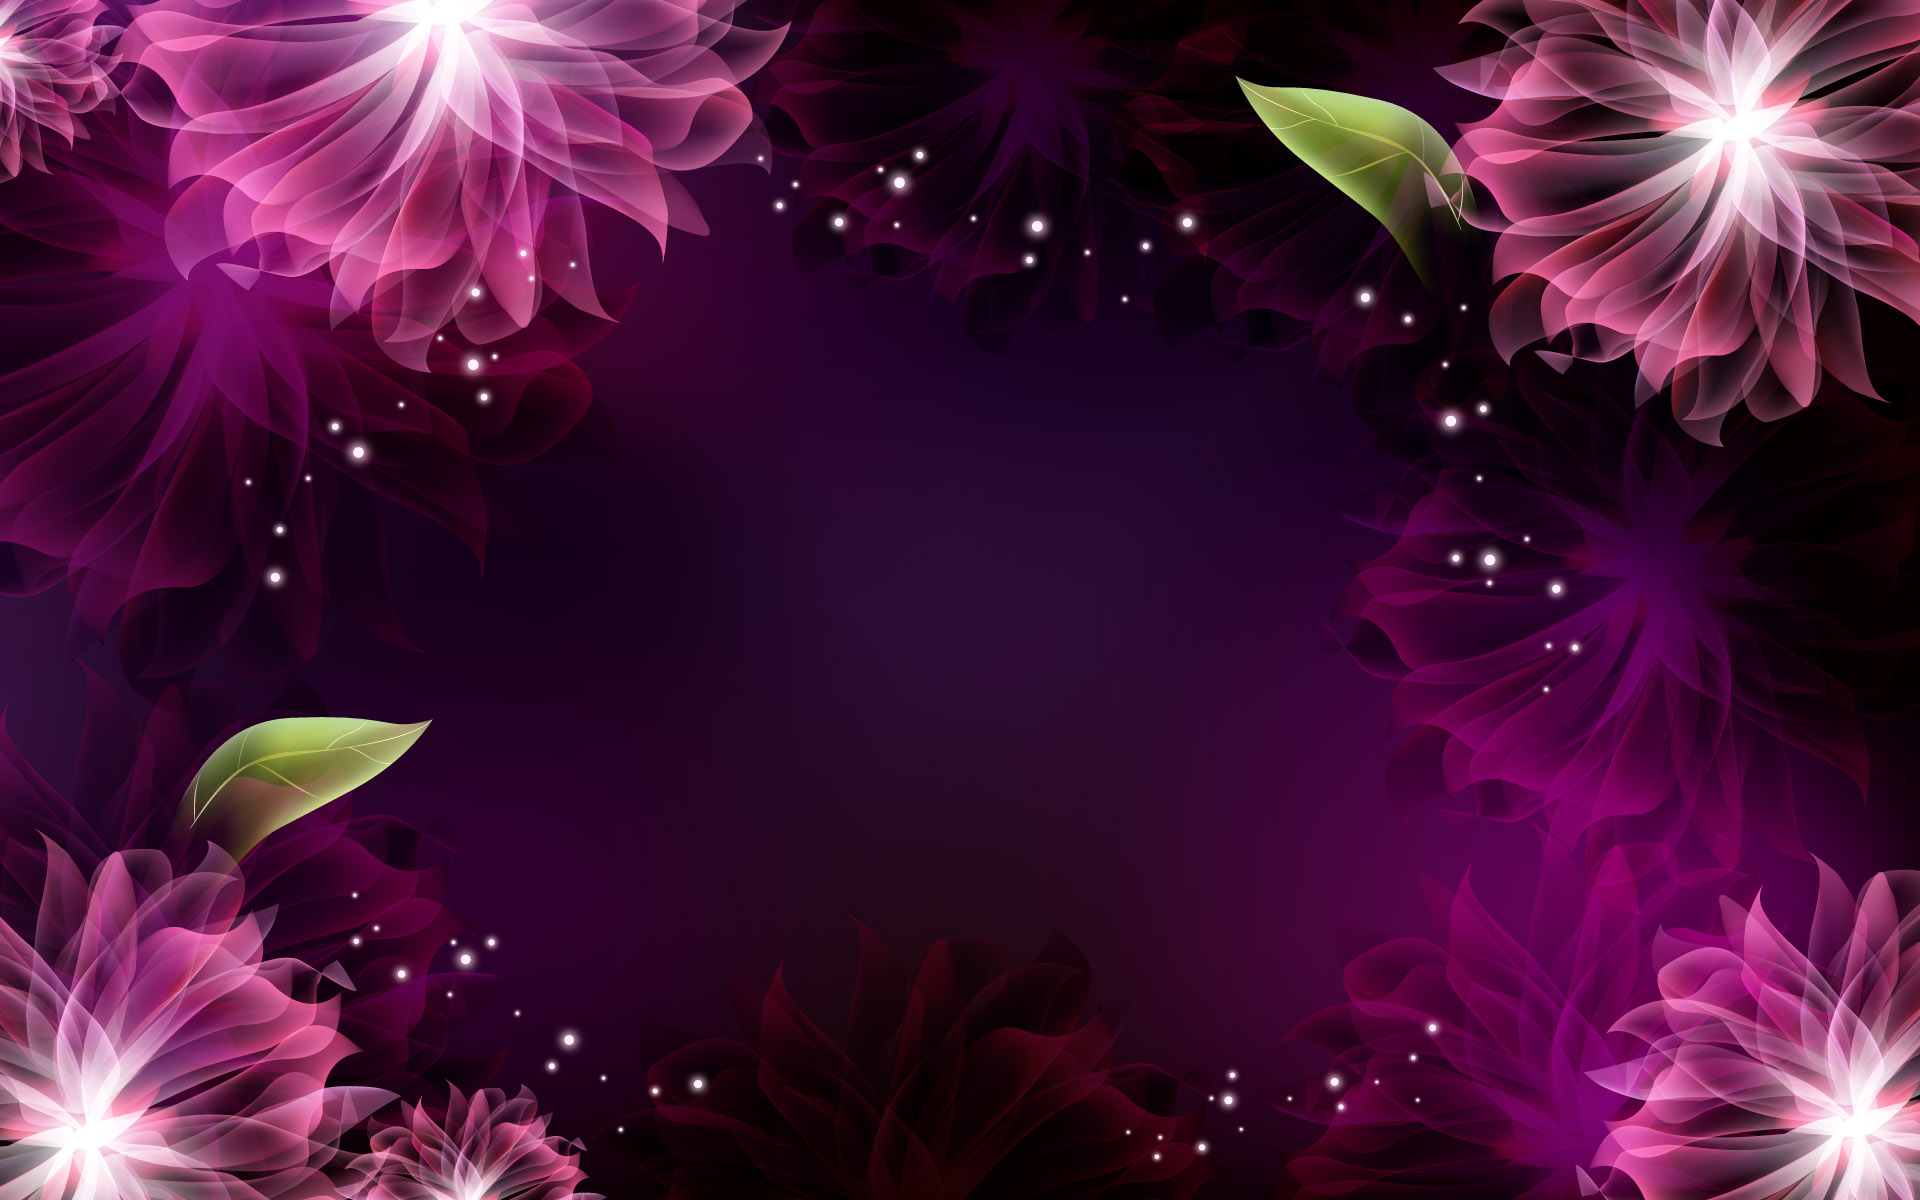 цветок сиреневый абстракция  № 3288341 загрузить